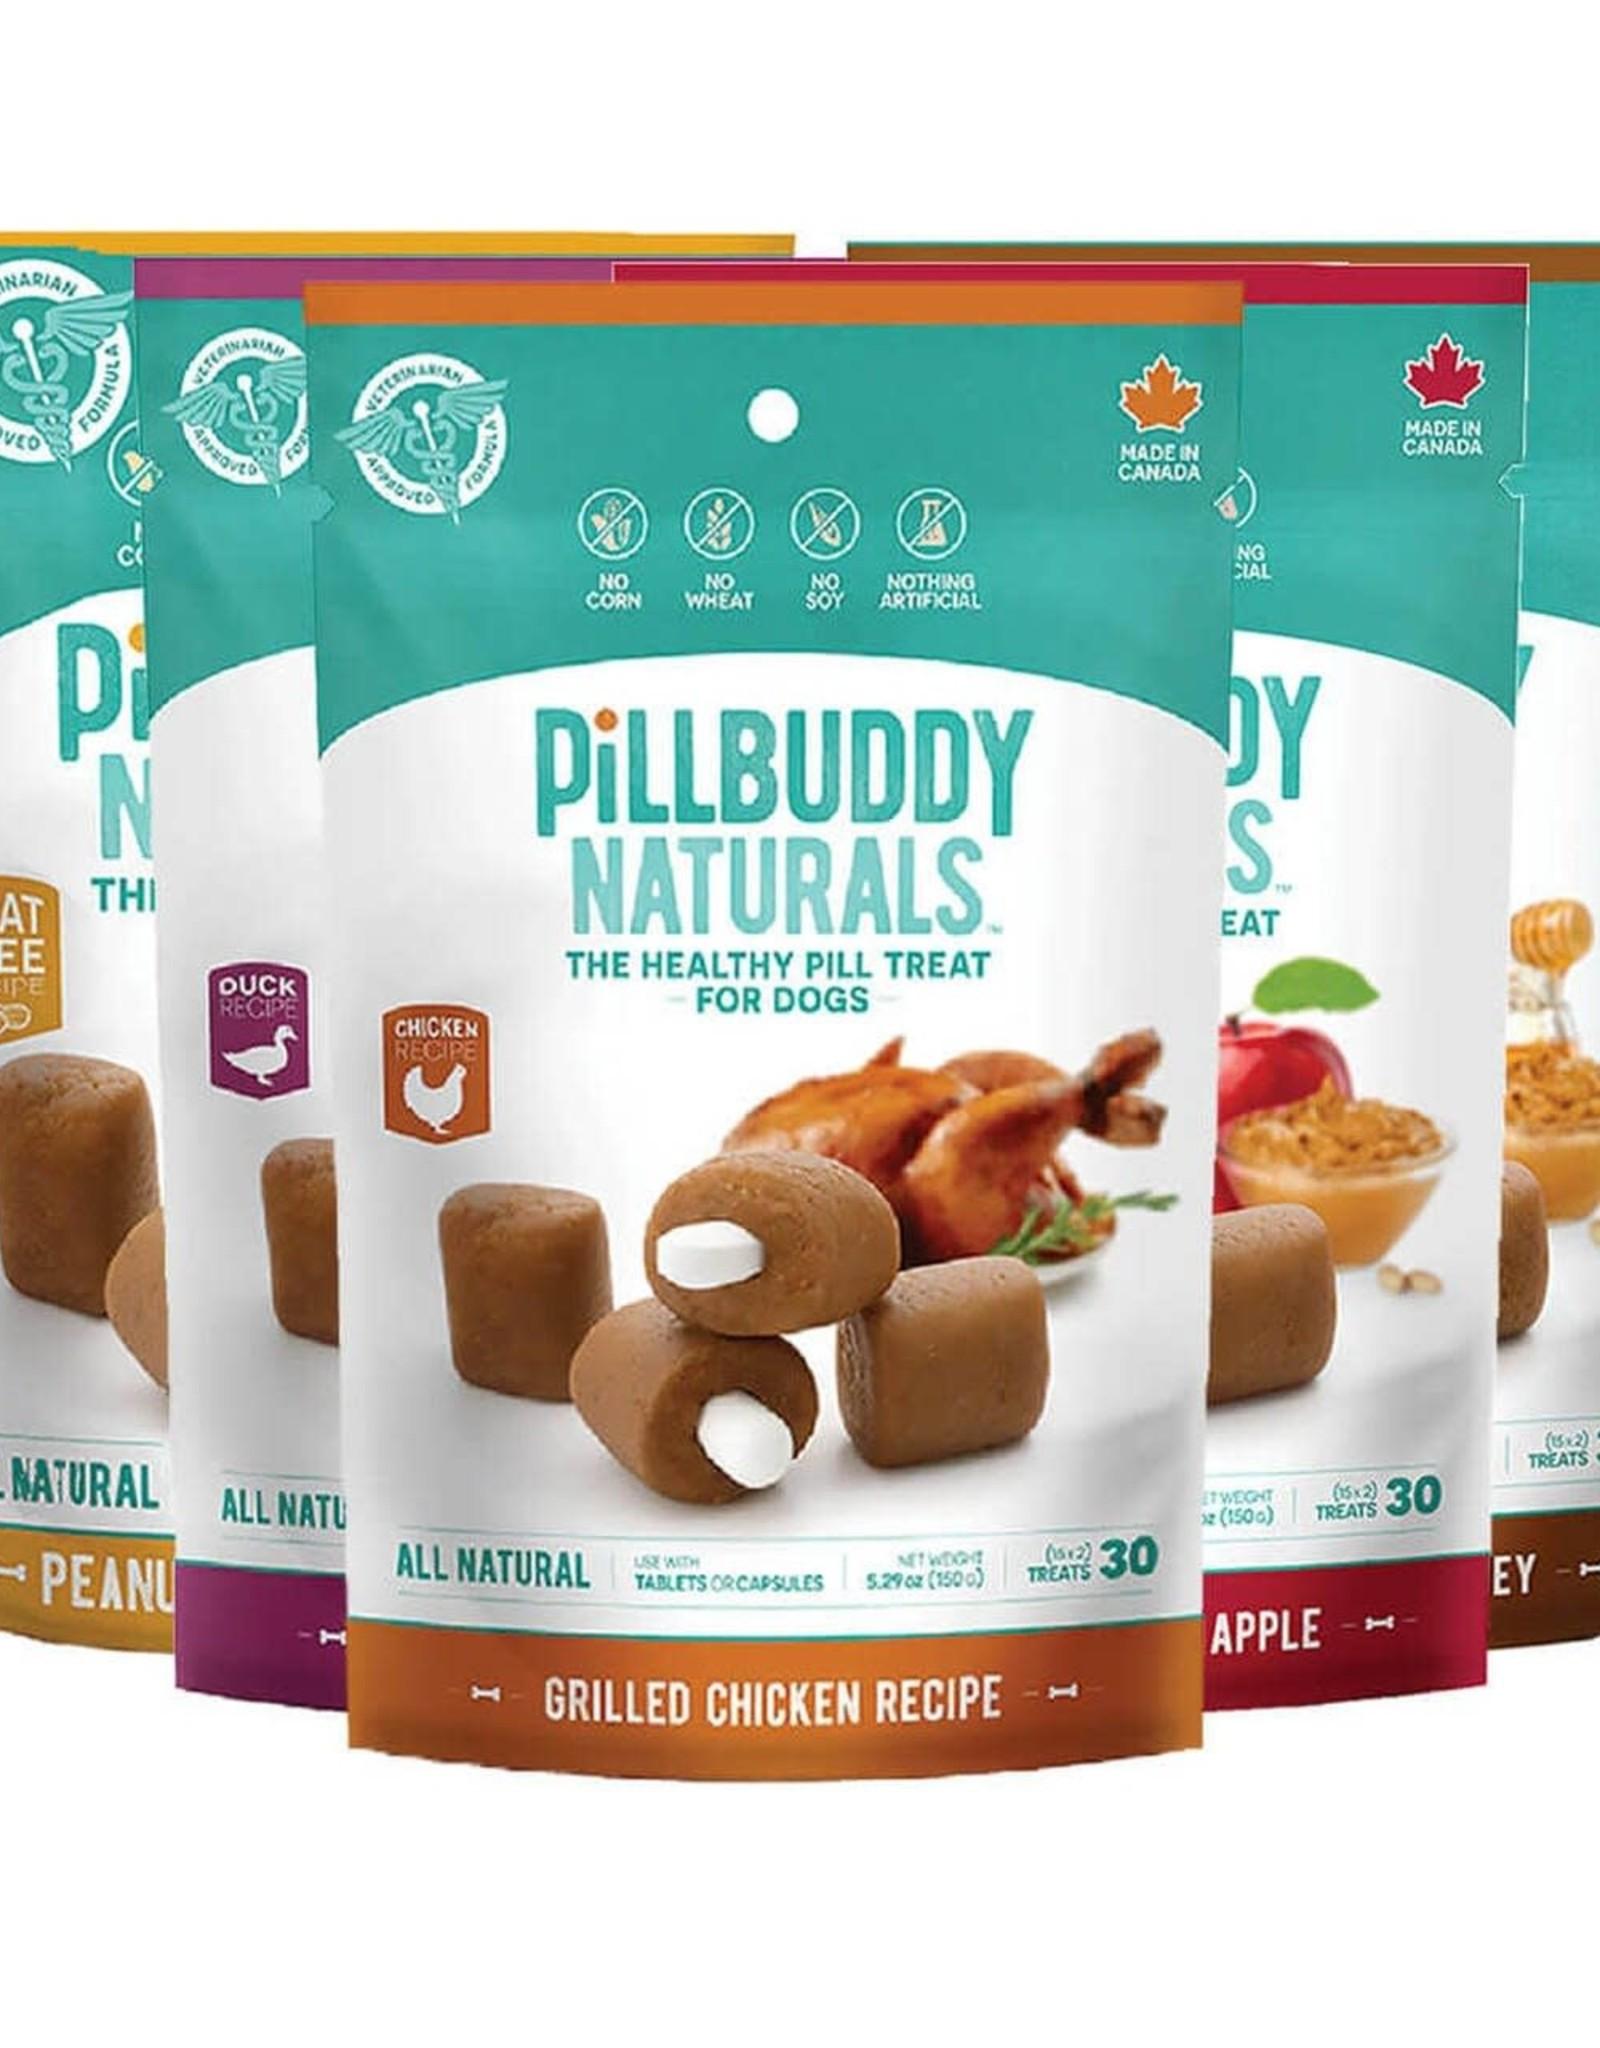 Pillbuddy Naturals Pillbuddy Naturals